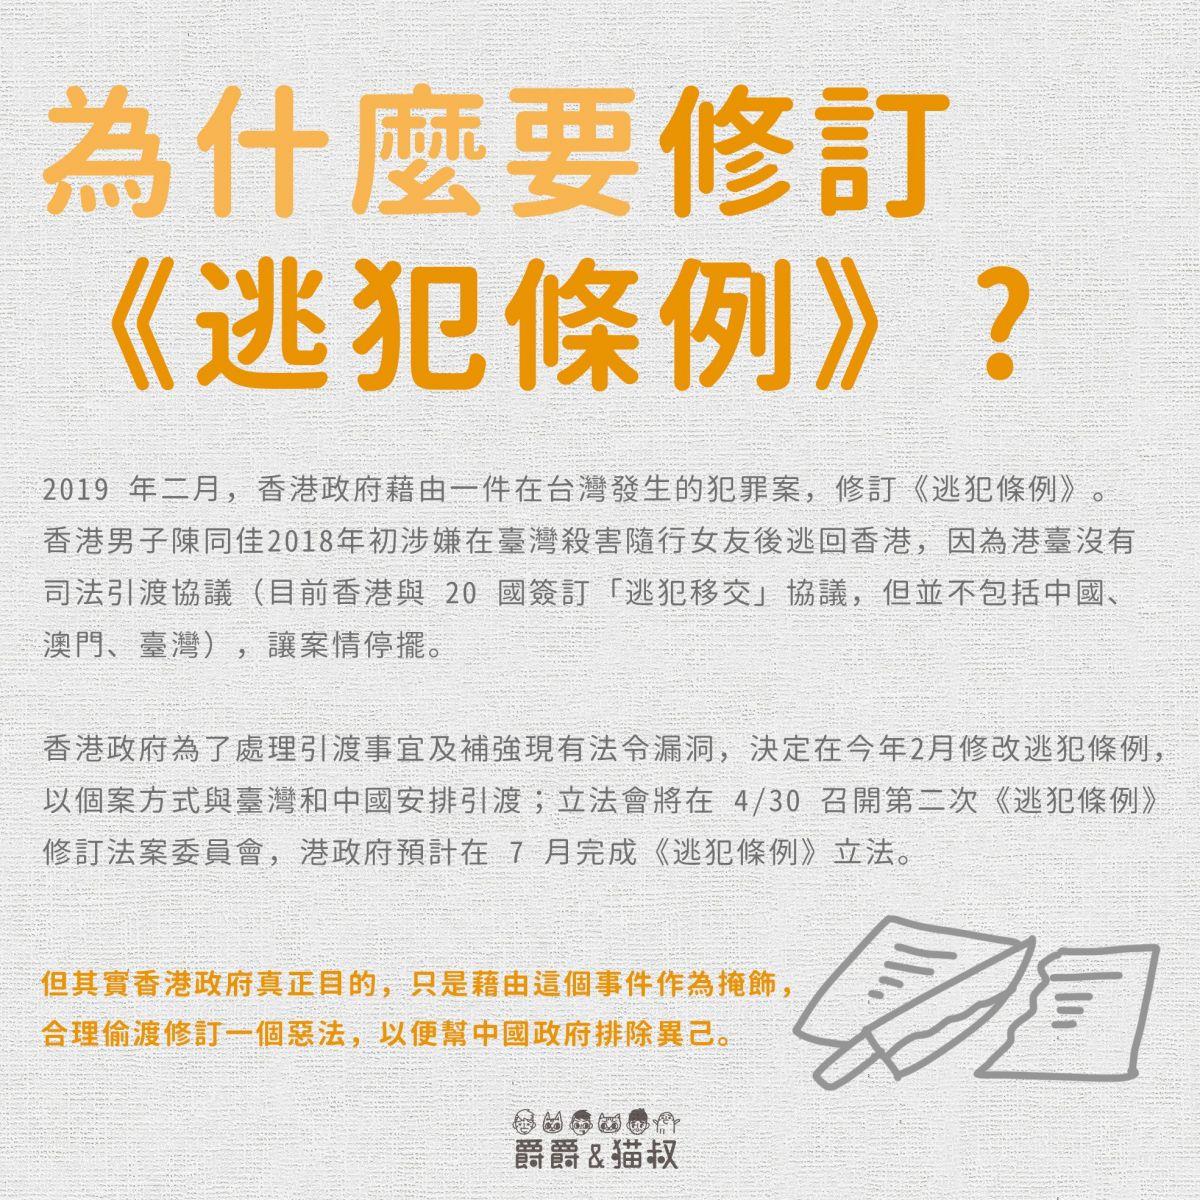 「反送中遊行」抗惡法《逃犯條例》網路插畫家「爵爵&貓奴」懶人包